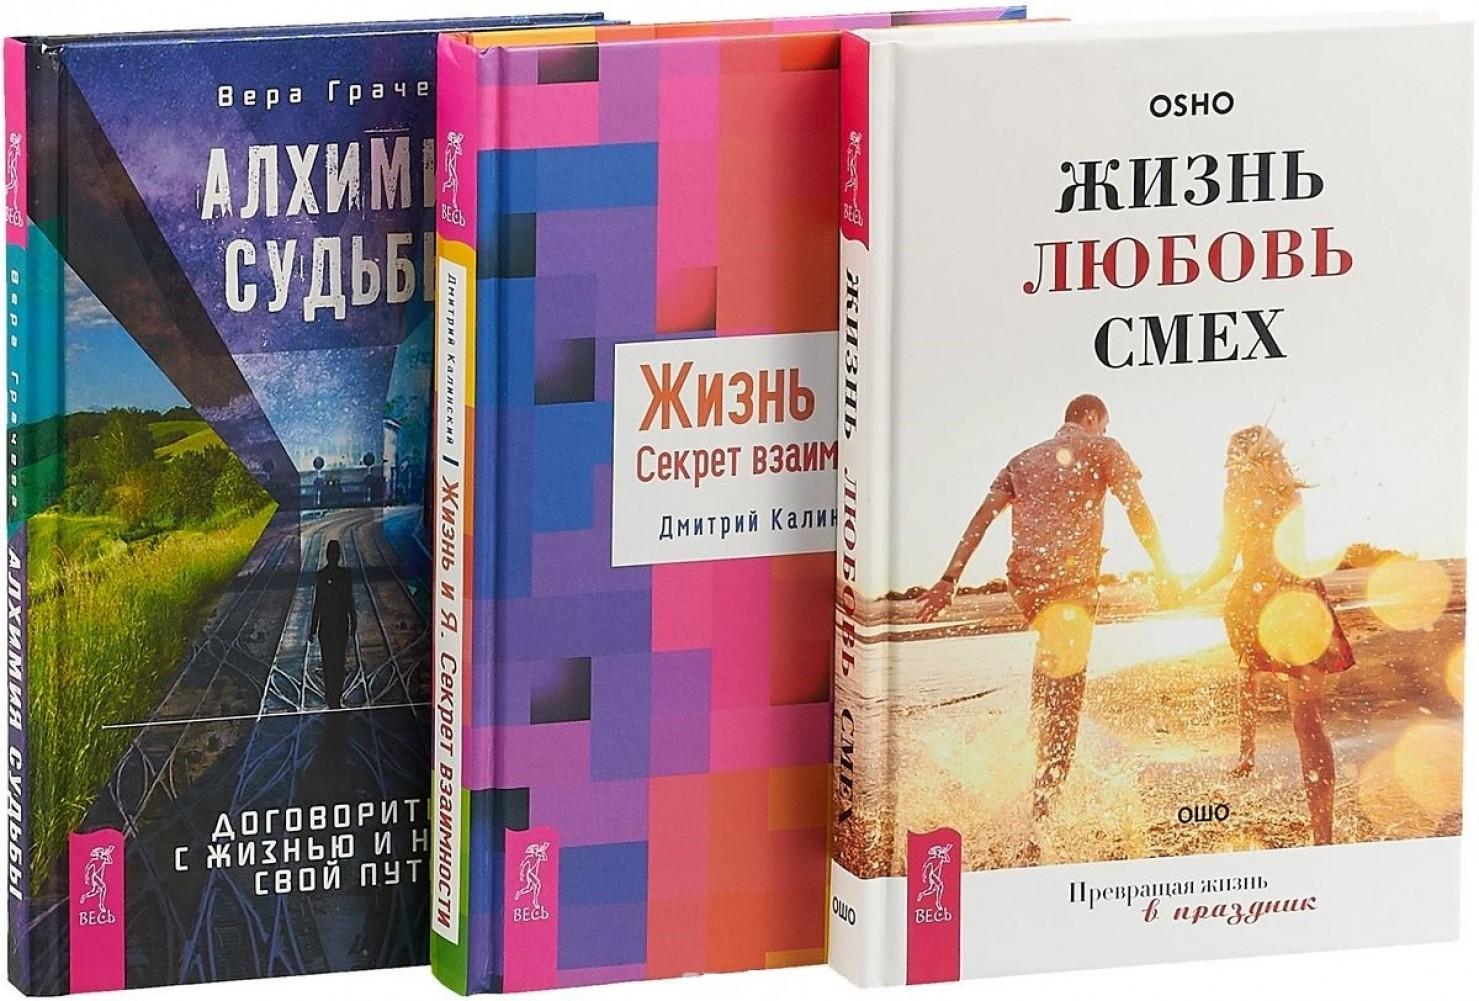 Жизнь и Я. Алхимия судьбы. Жизнь. Любовь. Смех (комплект из 3 книг) (количество томов: 3)